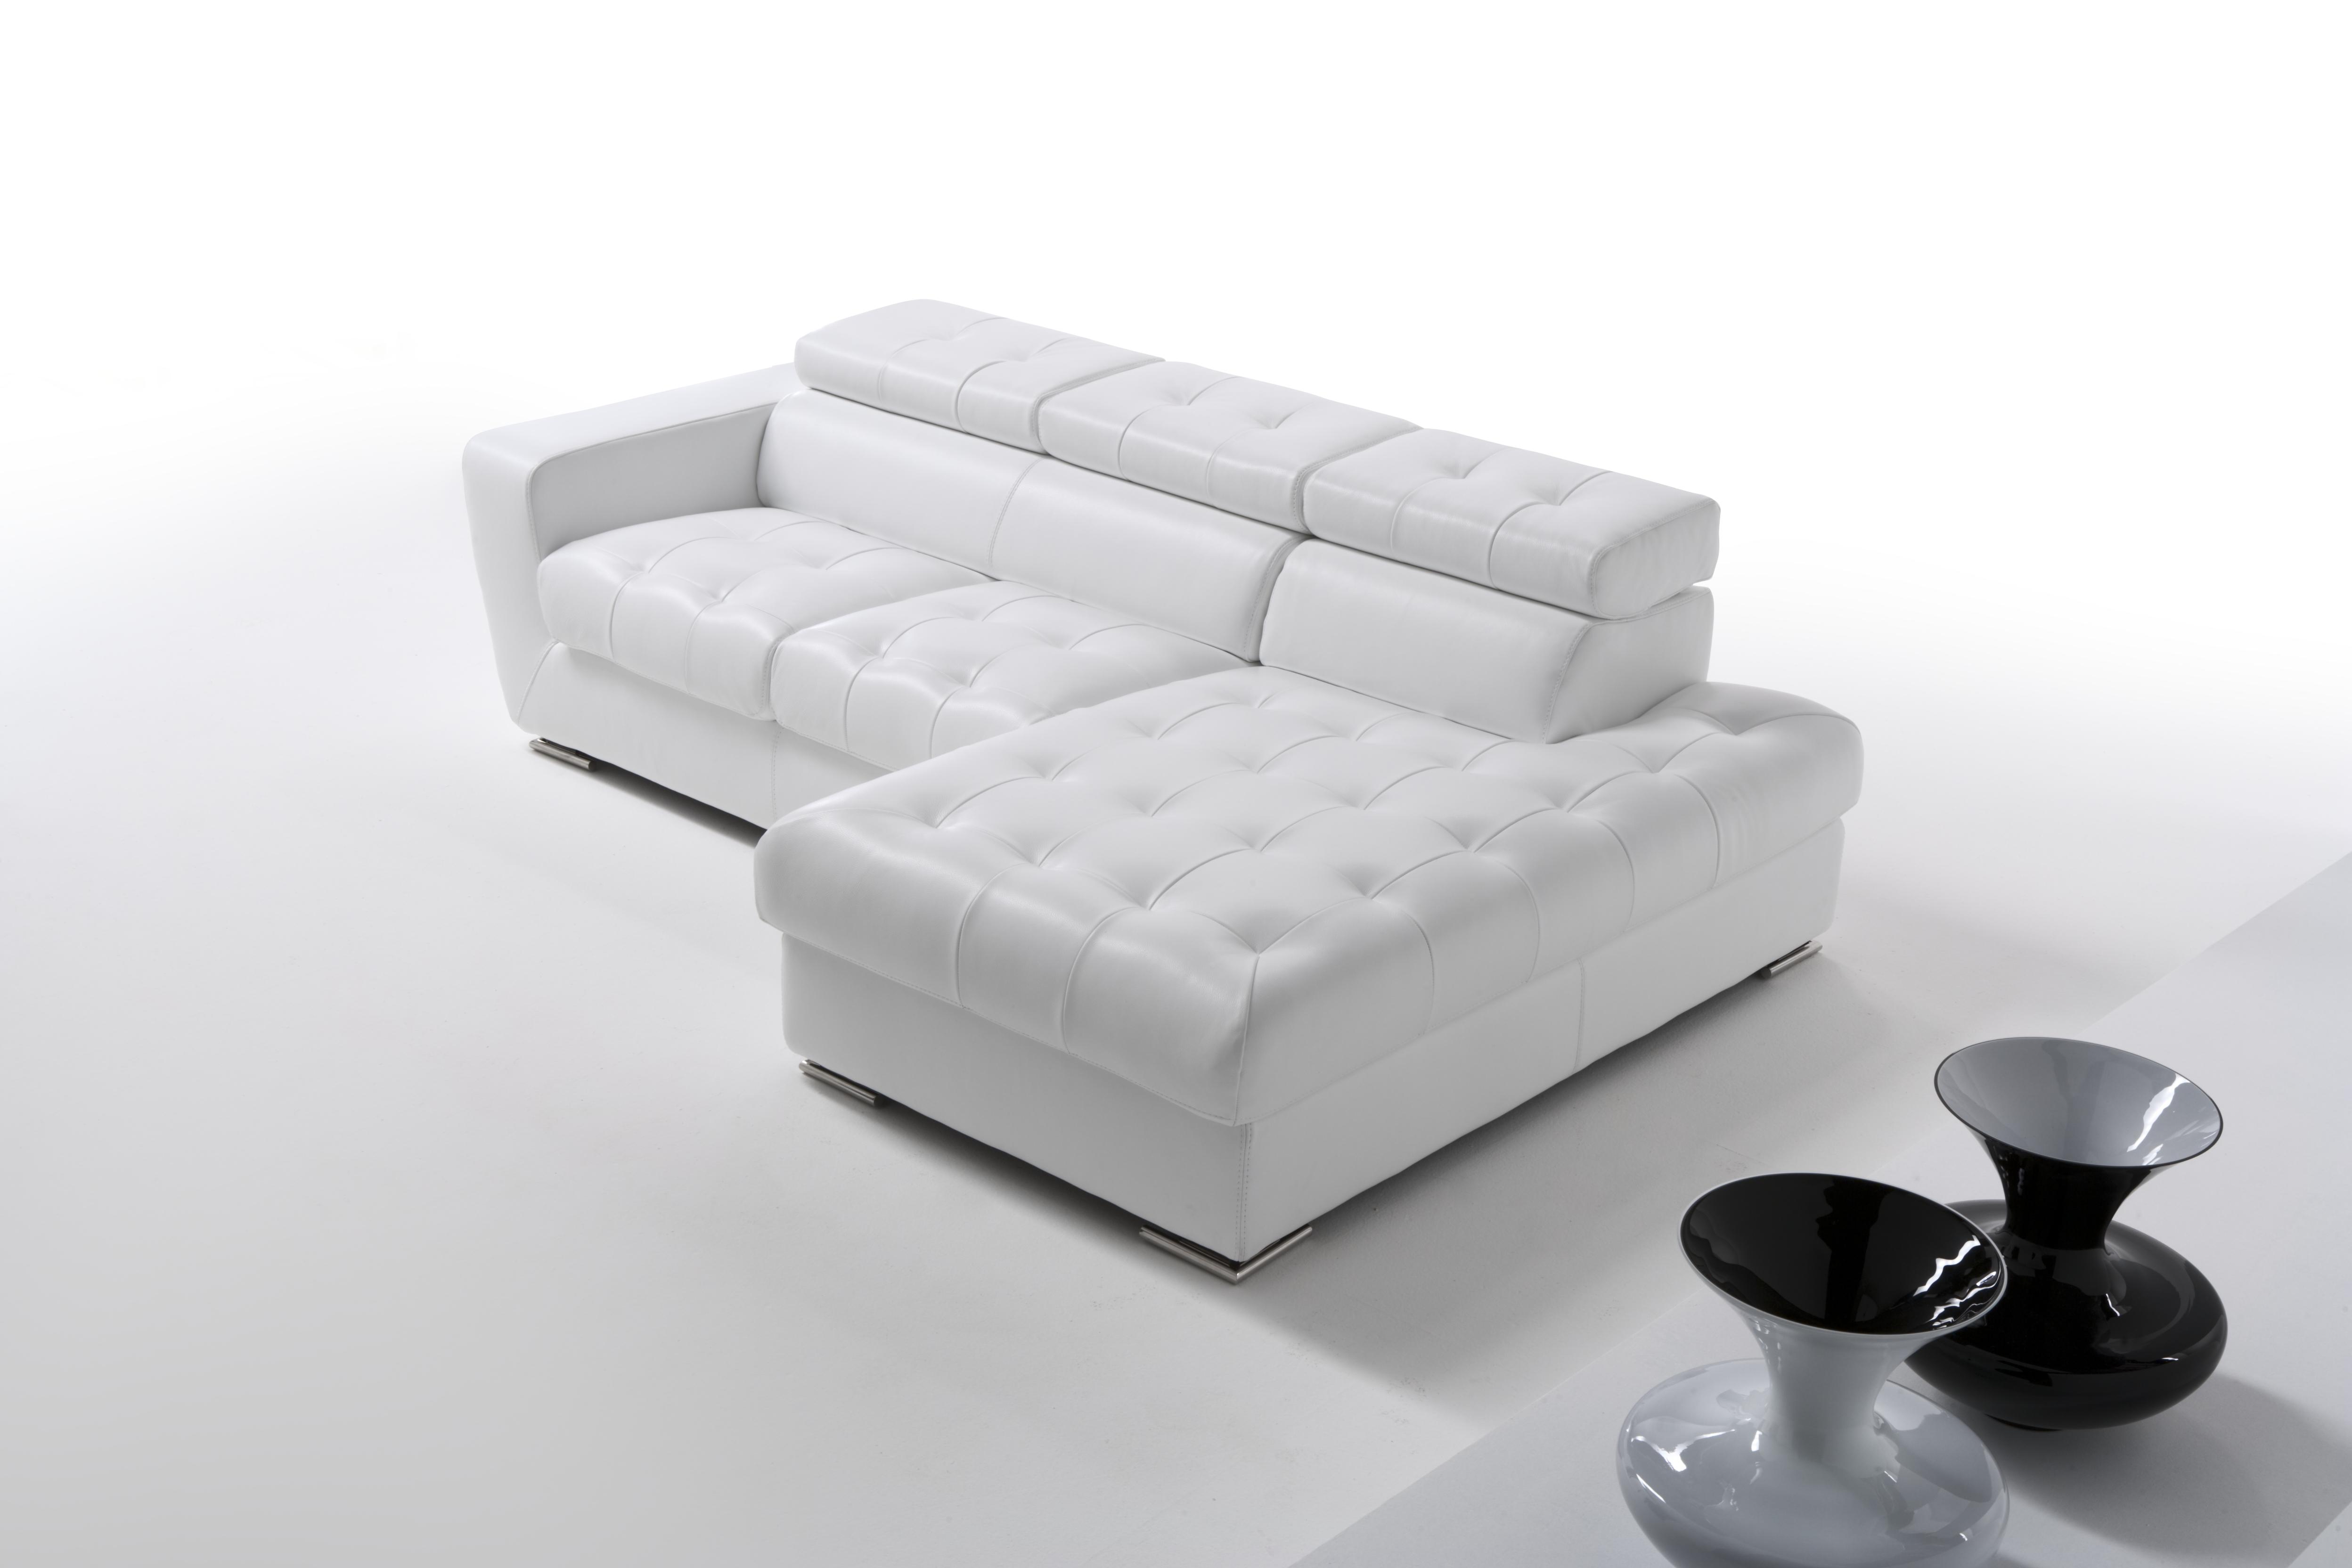 Salotto divano angolare moderno made in italy nuovo ebay for Divano angolare usato